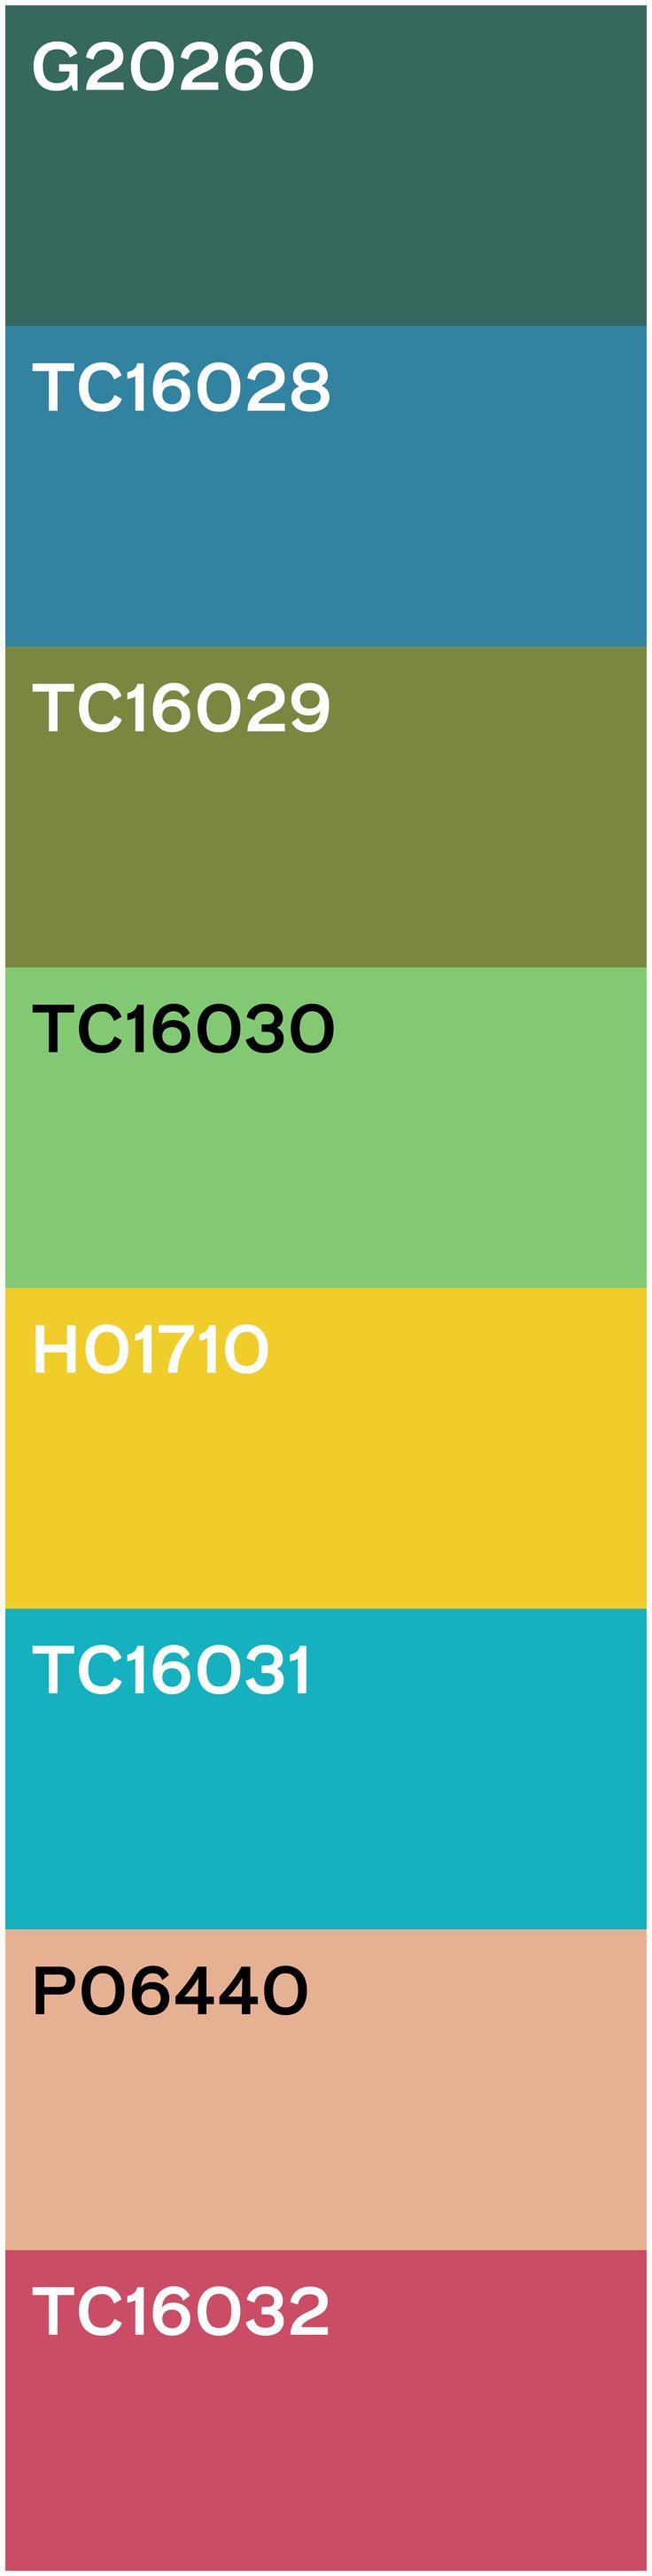 We transformeren ons interieur in de kleursferen van een vakantiehutje op een tropisch strand! Heldere frisse kleuren geïnspireerd op tropisch fruit, vogels en bloemen. Een basis van de frisse blauwen en turquoise van de tropische zee en strakblauwe lucht, met accenten van zacht roze en vooral geel. Of gecombineerd met heldere roden en fuchsia kleuren in een meer multi-colour variant!